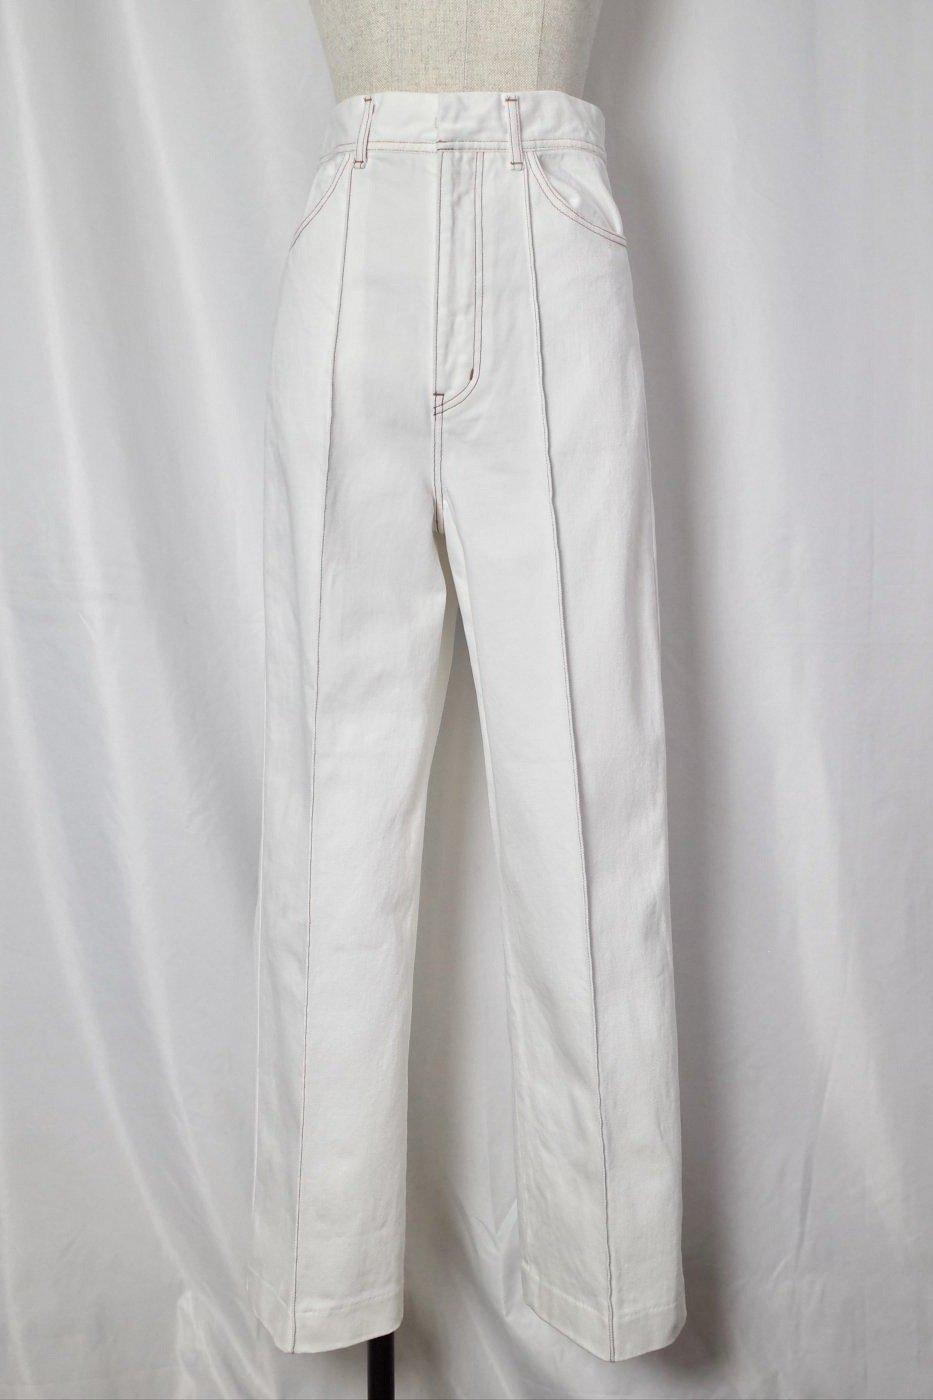 CURRENTAGE-DENIM CENTER TACK WIDE PANTS-WHITE